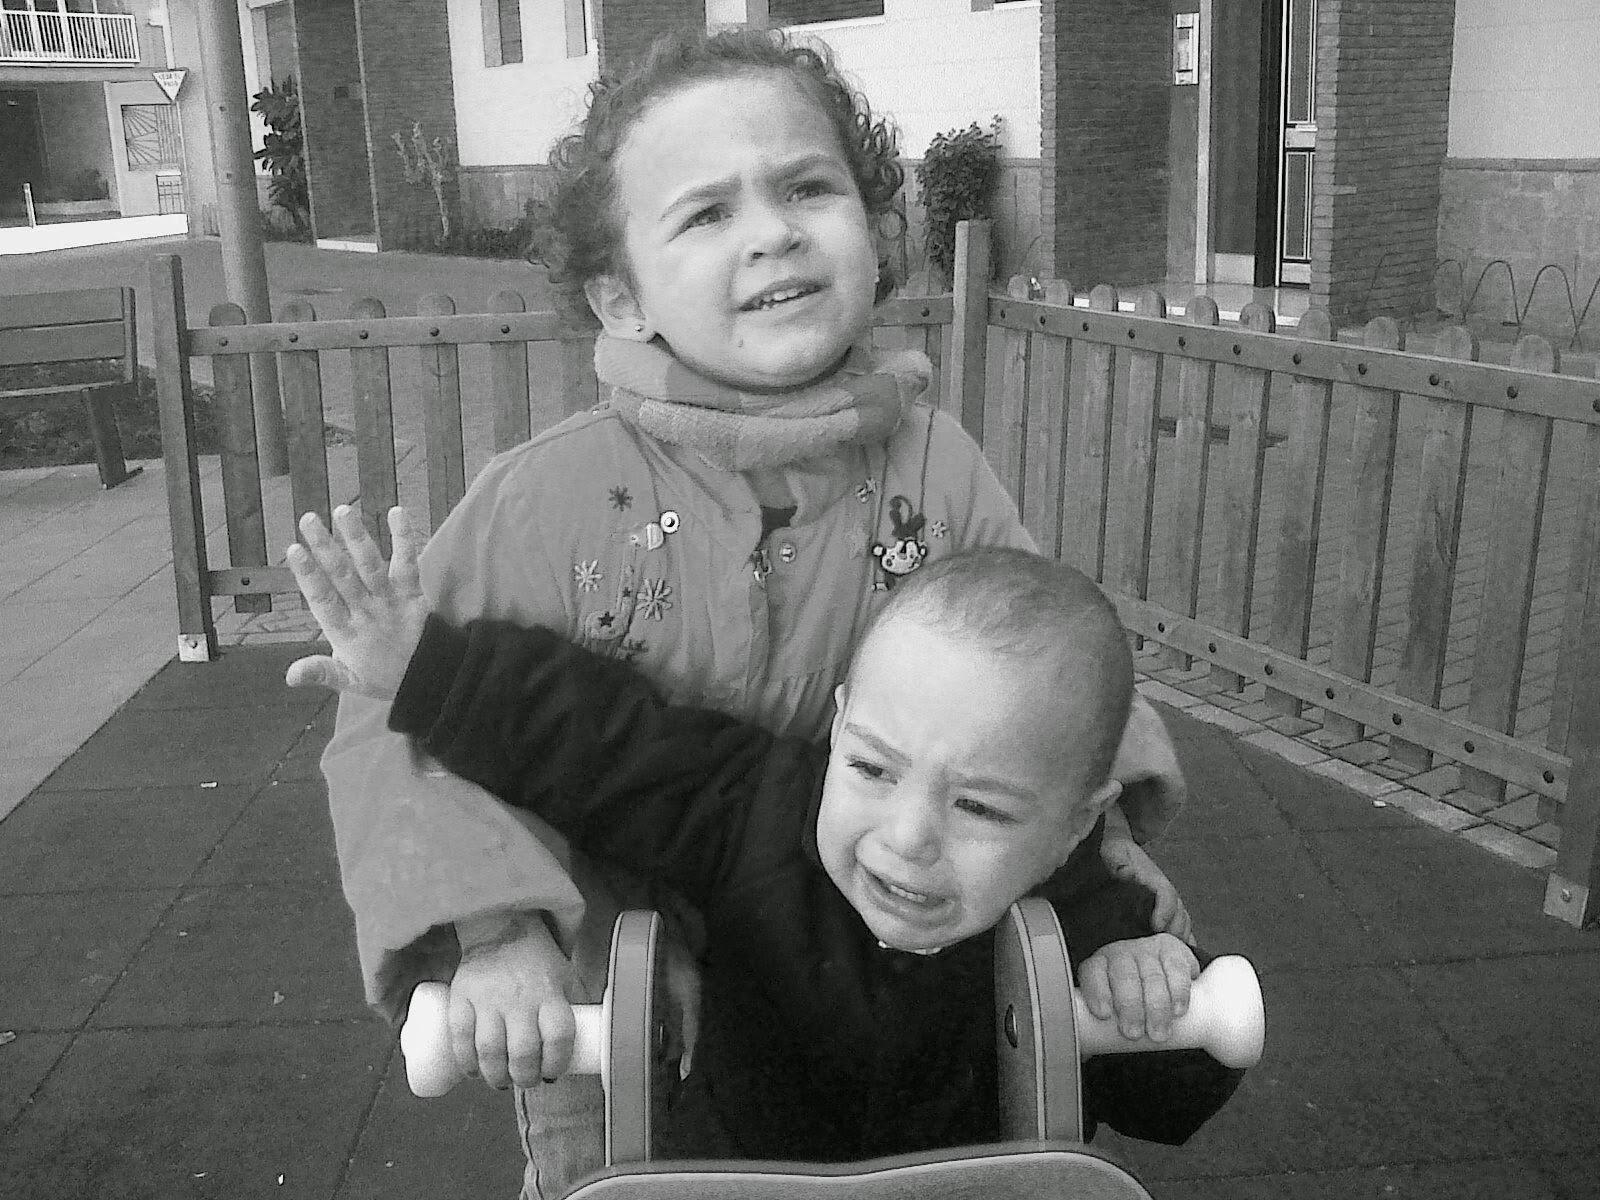 Hay vida después de los 6: relación entre hermanos (3)